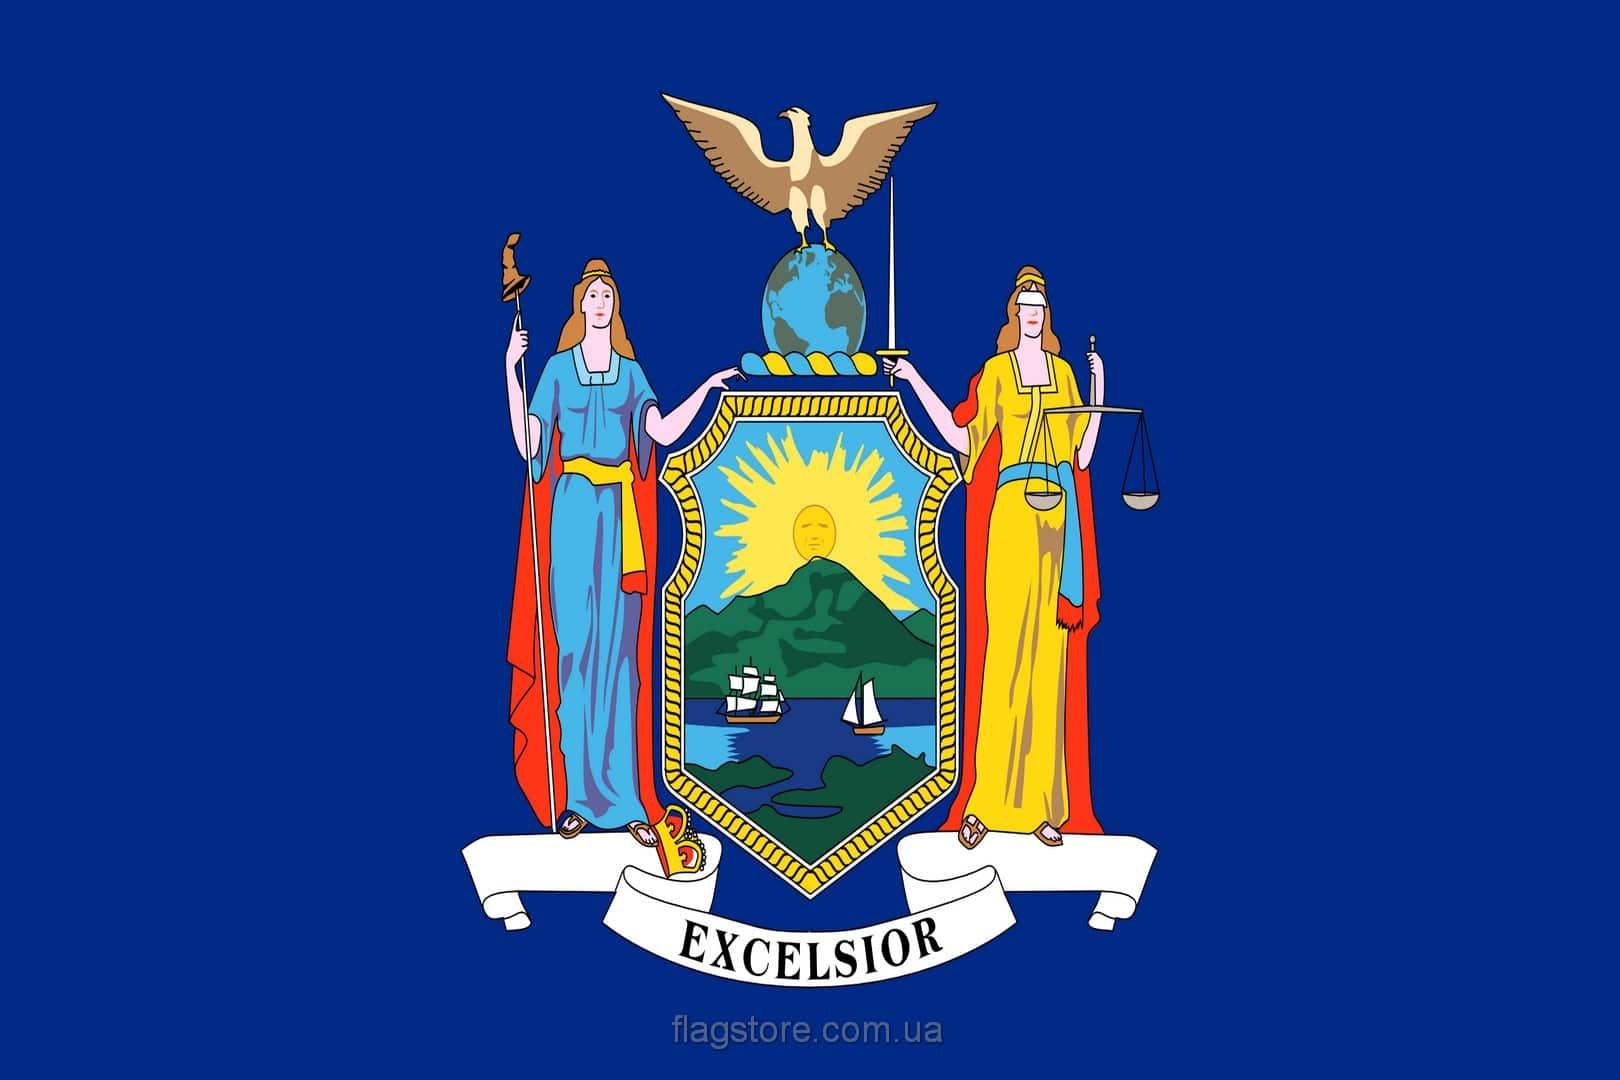 Купить флаг Нью-Йорка (штата Нью-Йорк)